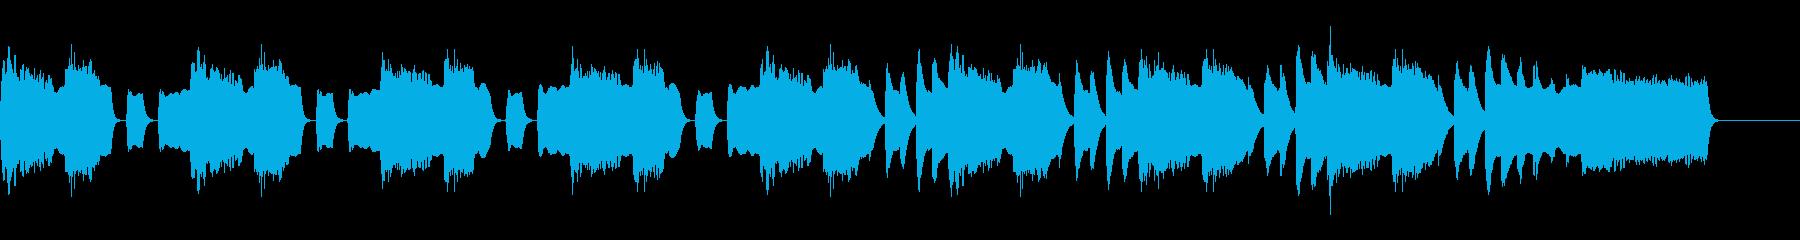 アコーディオンとマリンバの不思議な曲の再生済みの波形